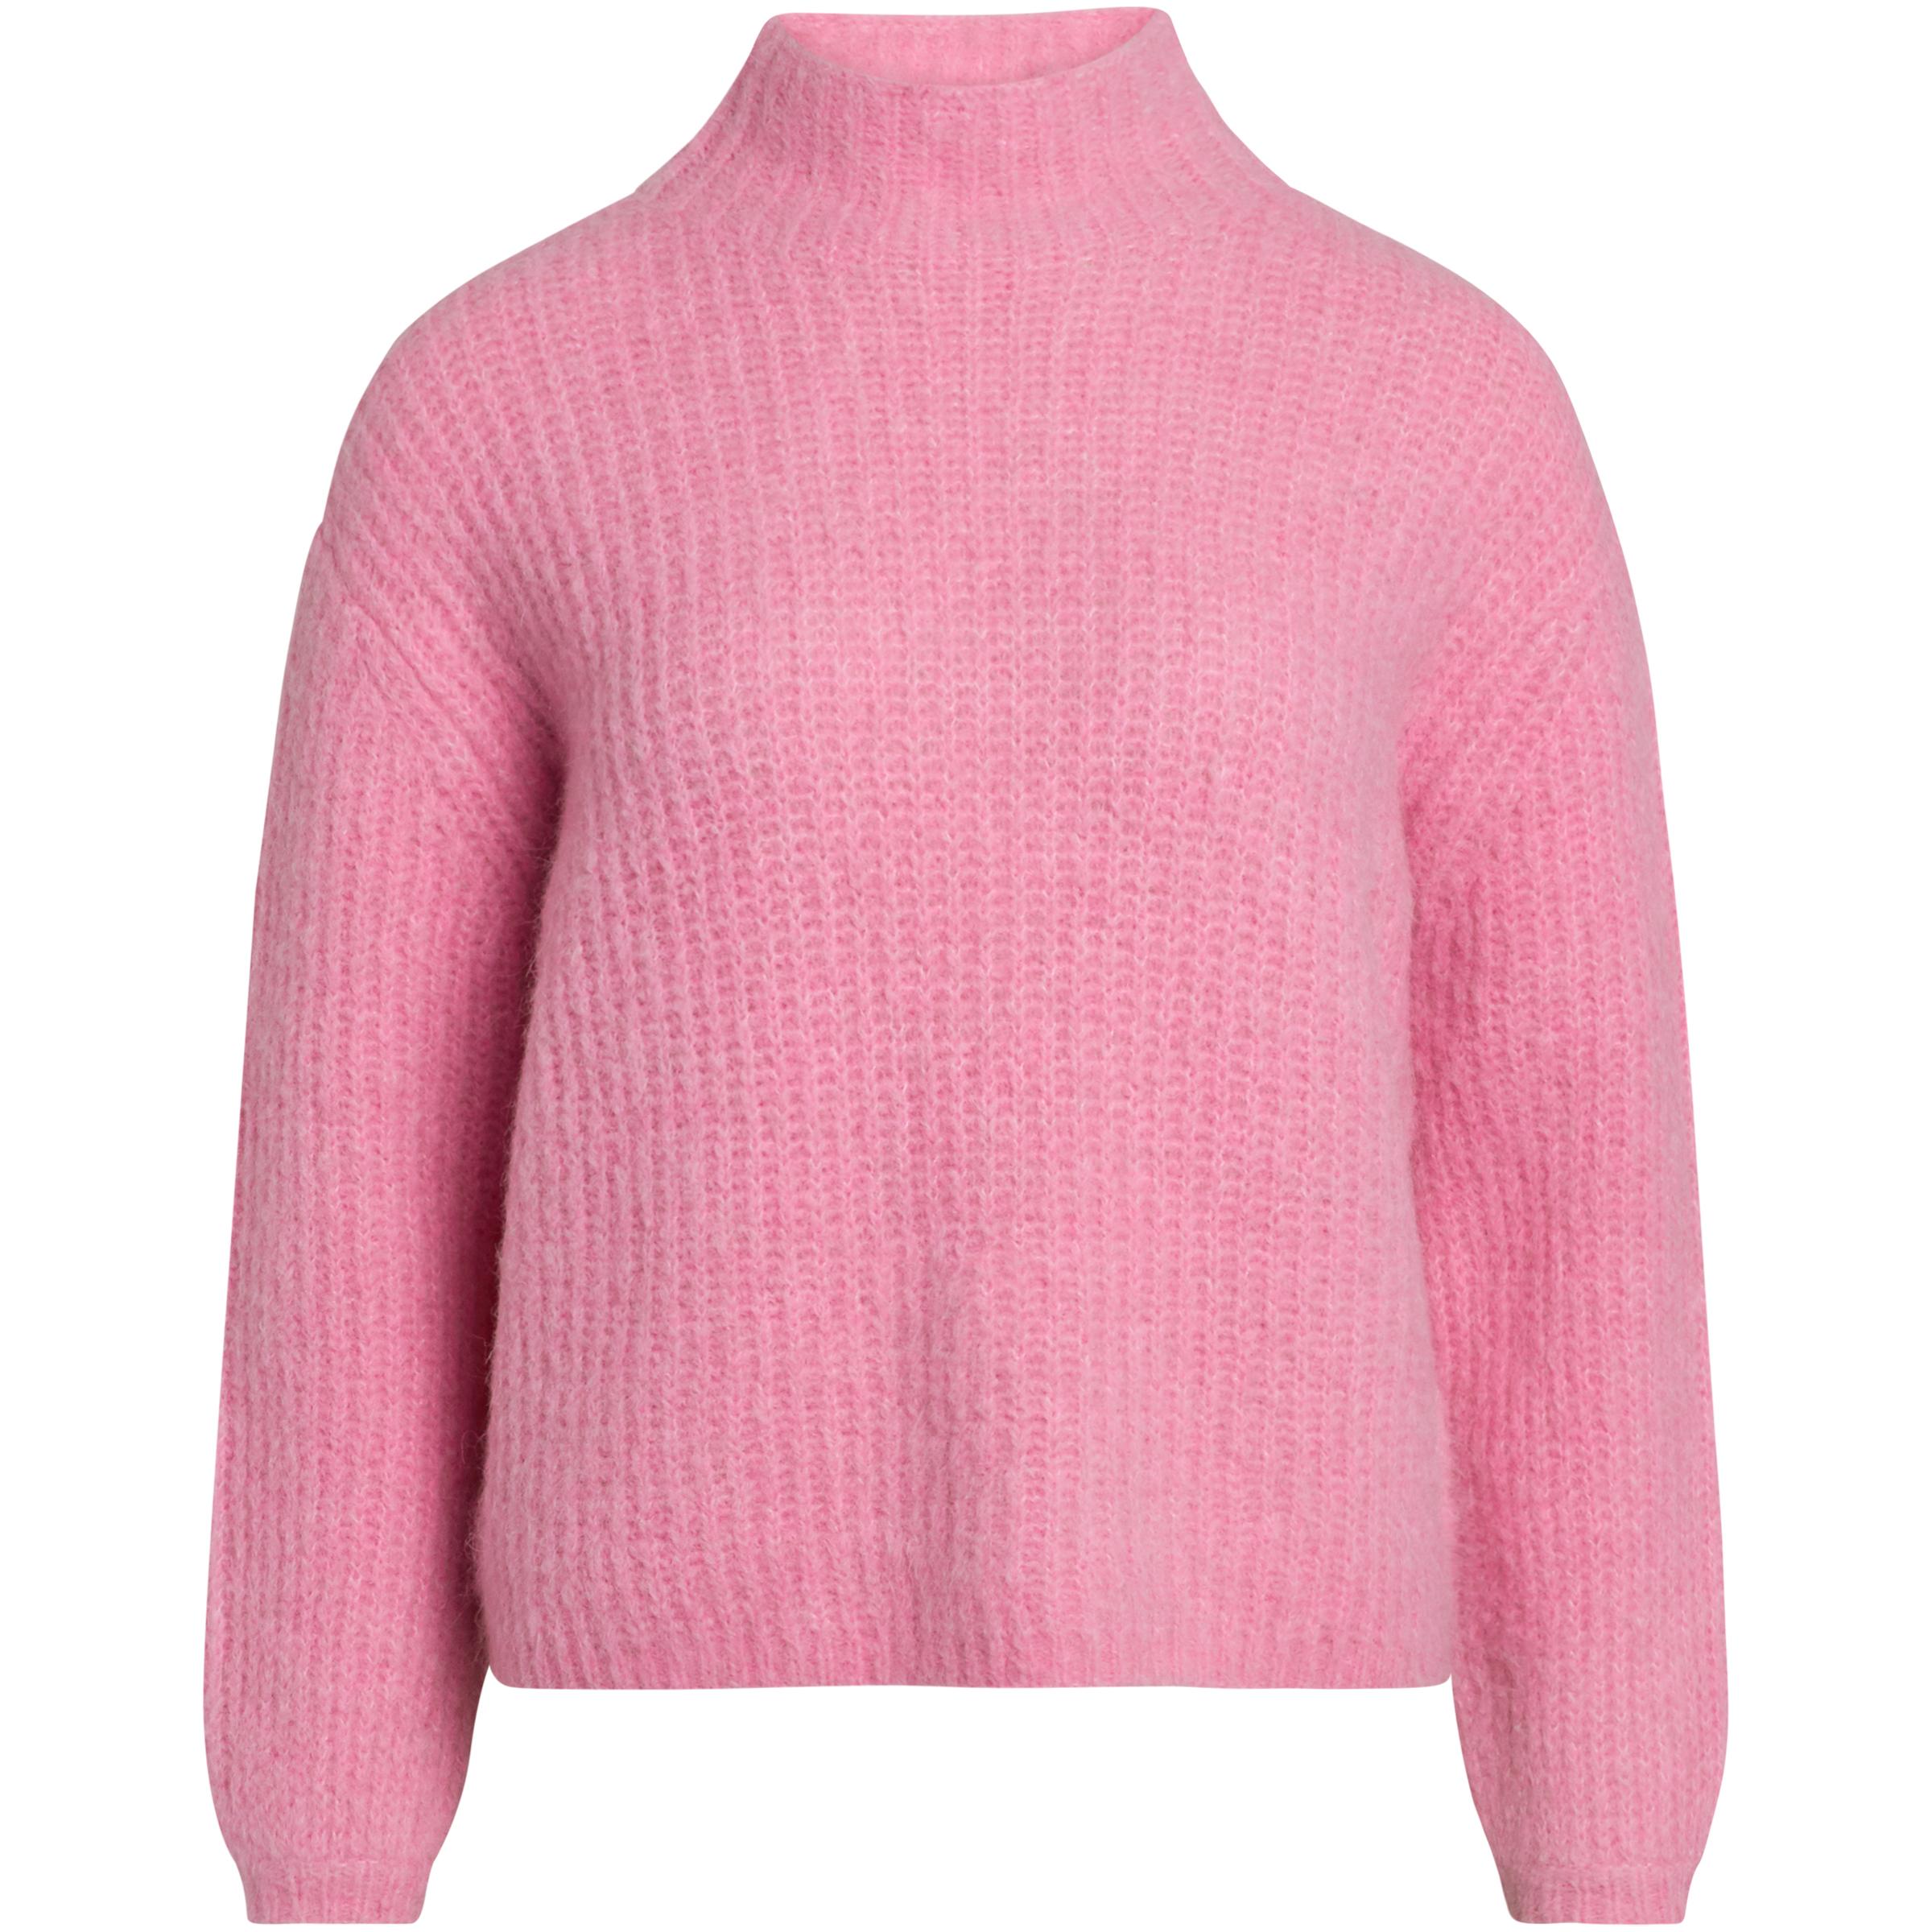 Syringa Knit